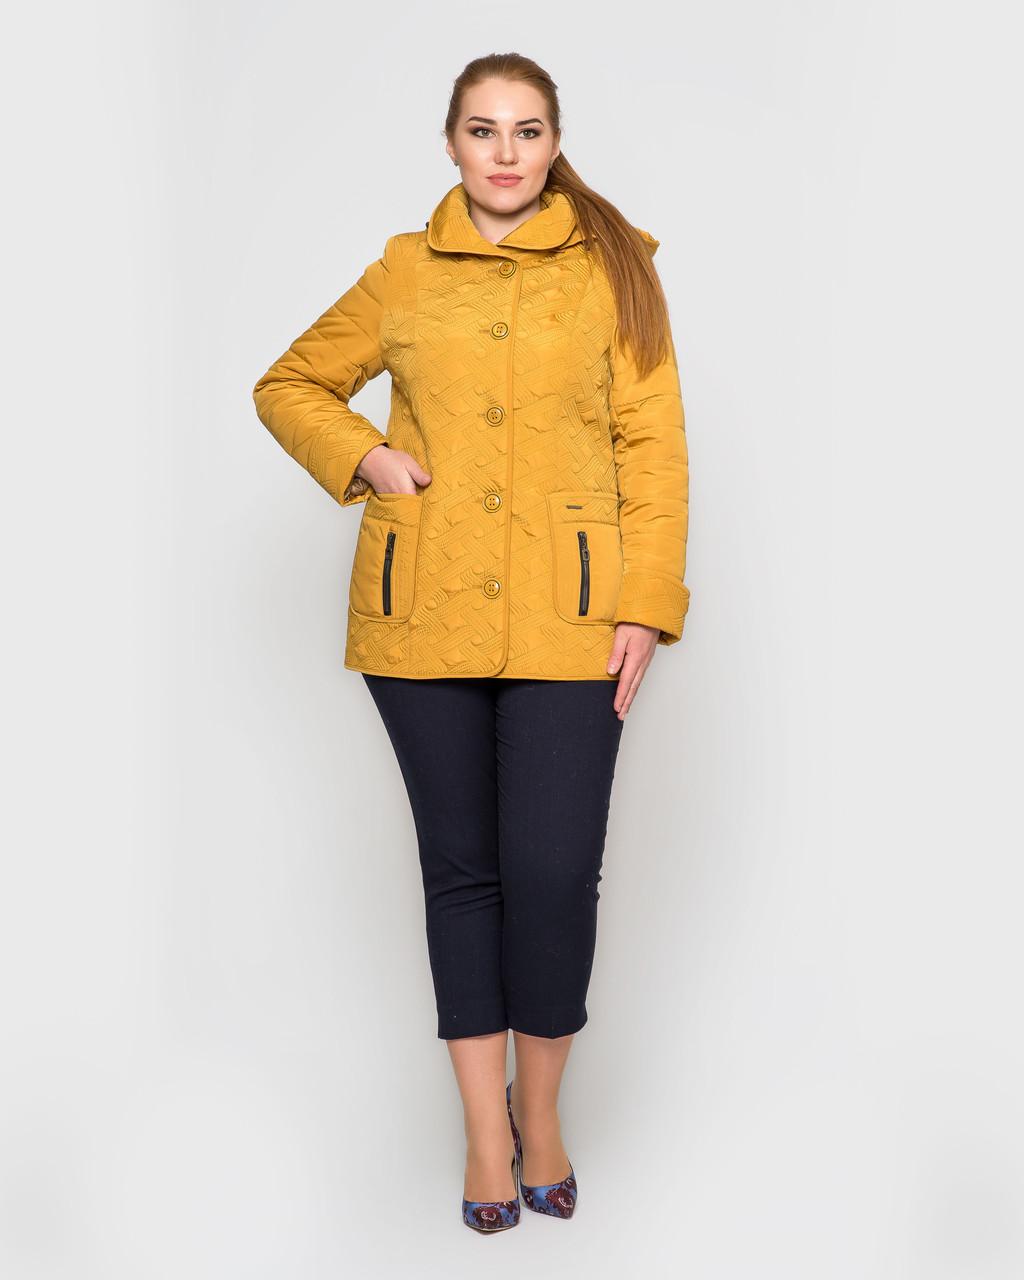 Женская демисезонная куртка со съемным капюшоном